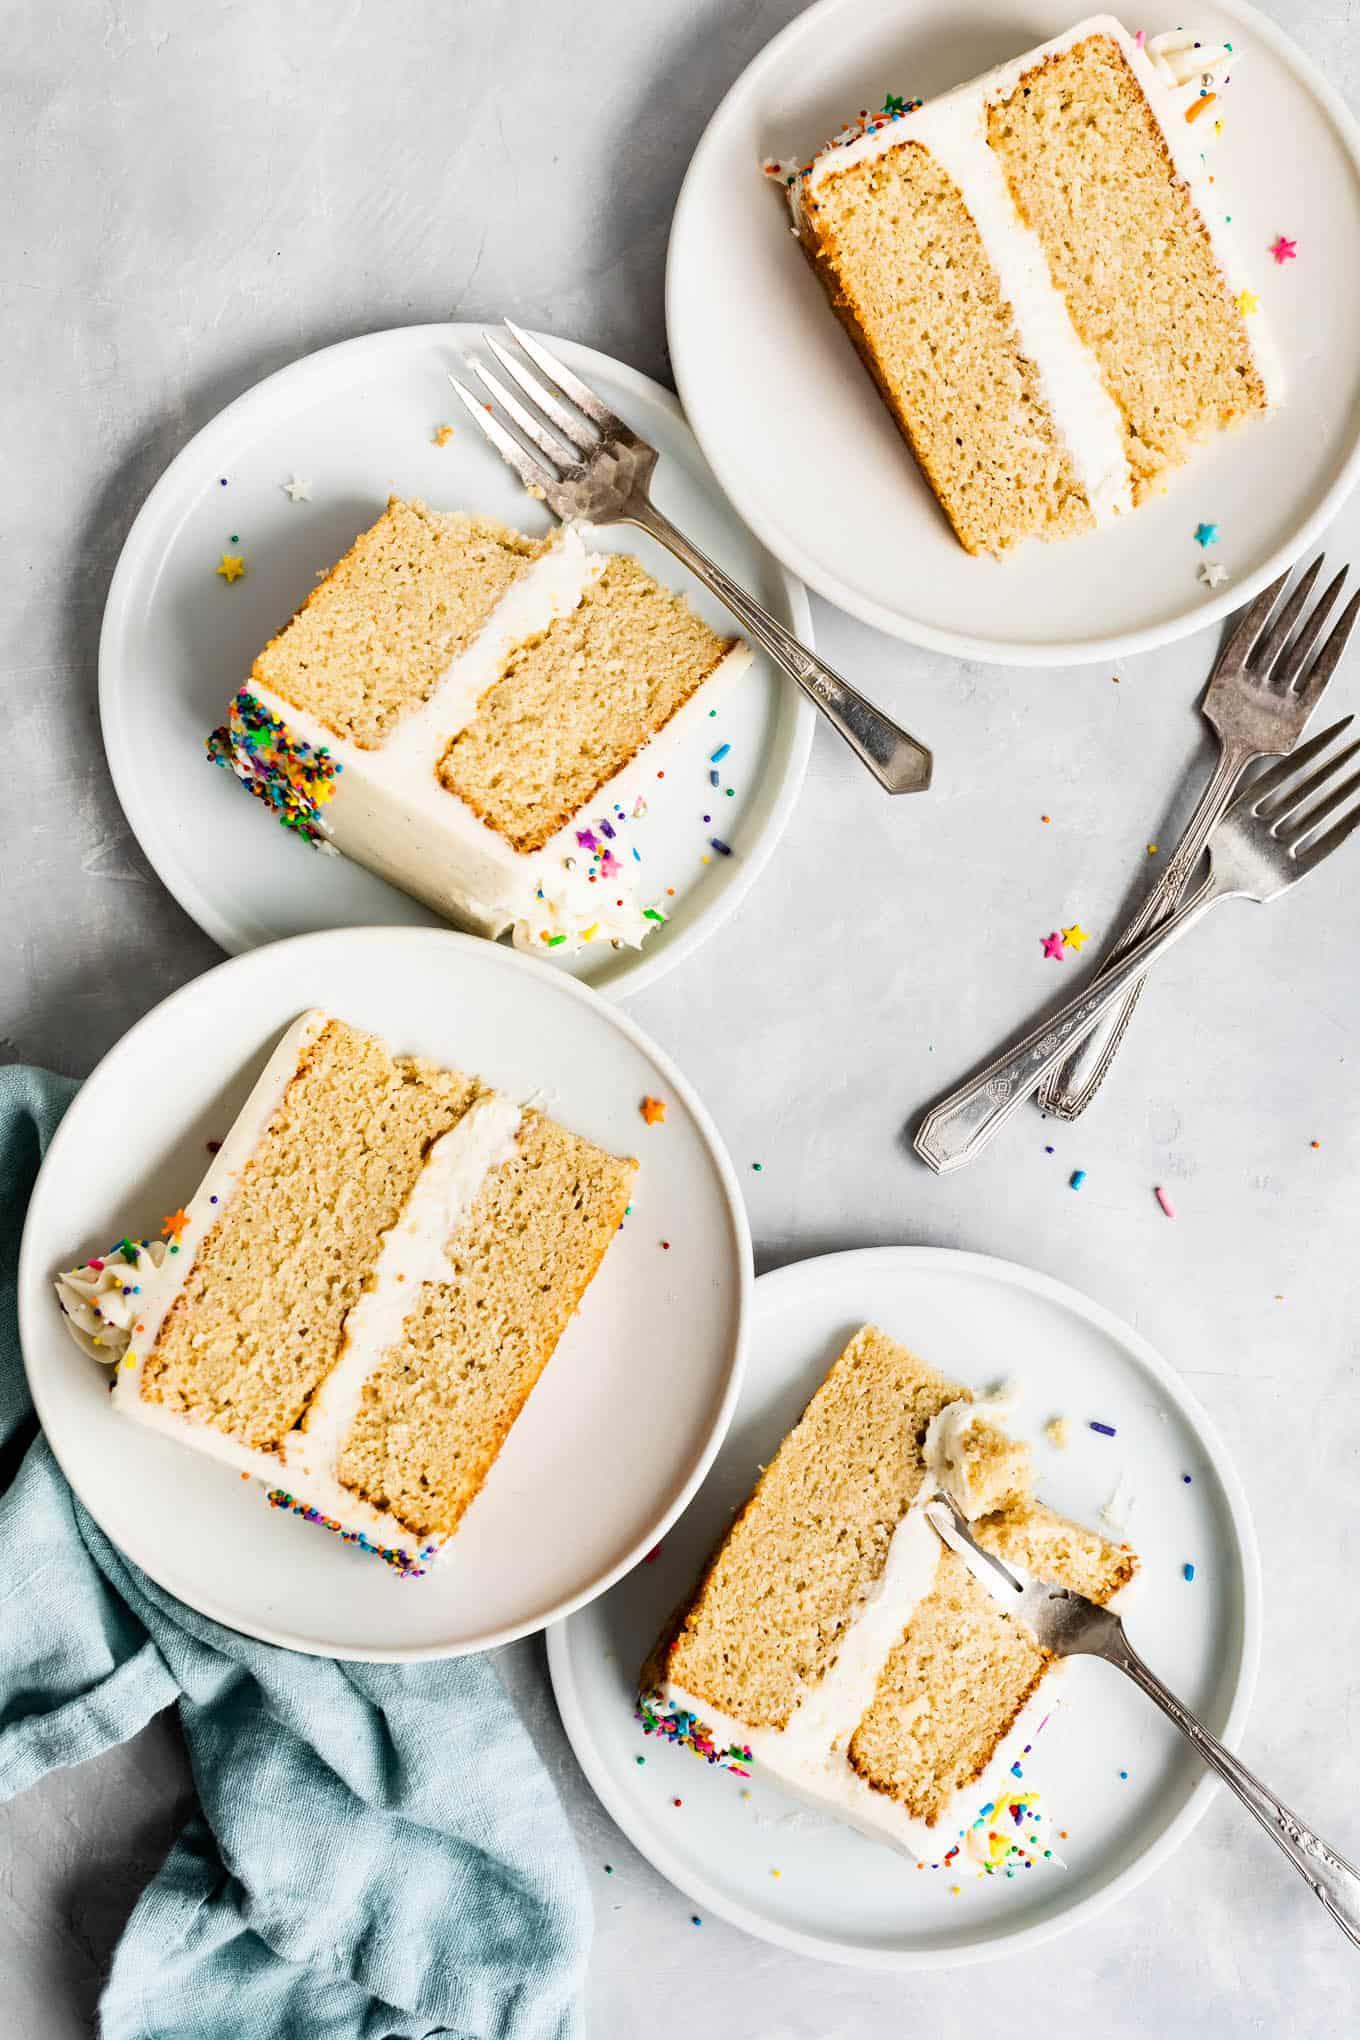 Best Gluten-Free Vanilla Cake